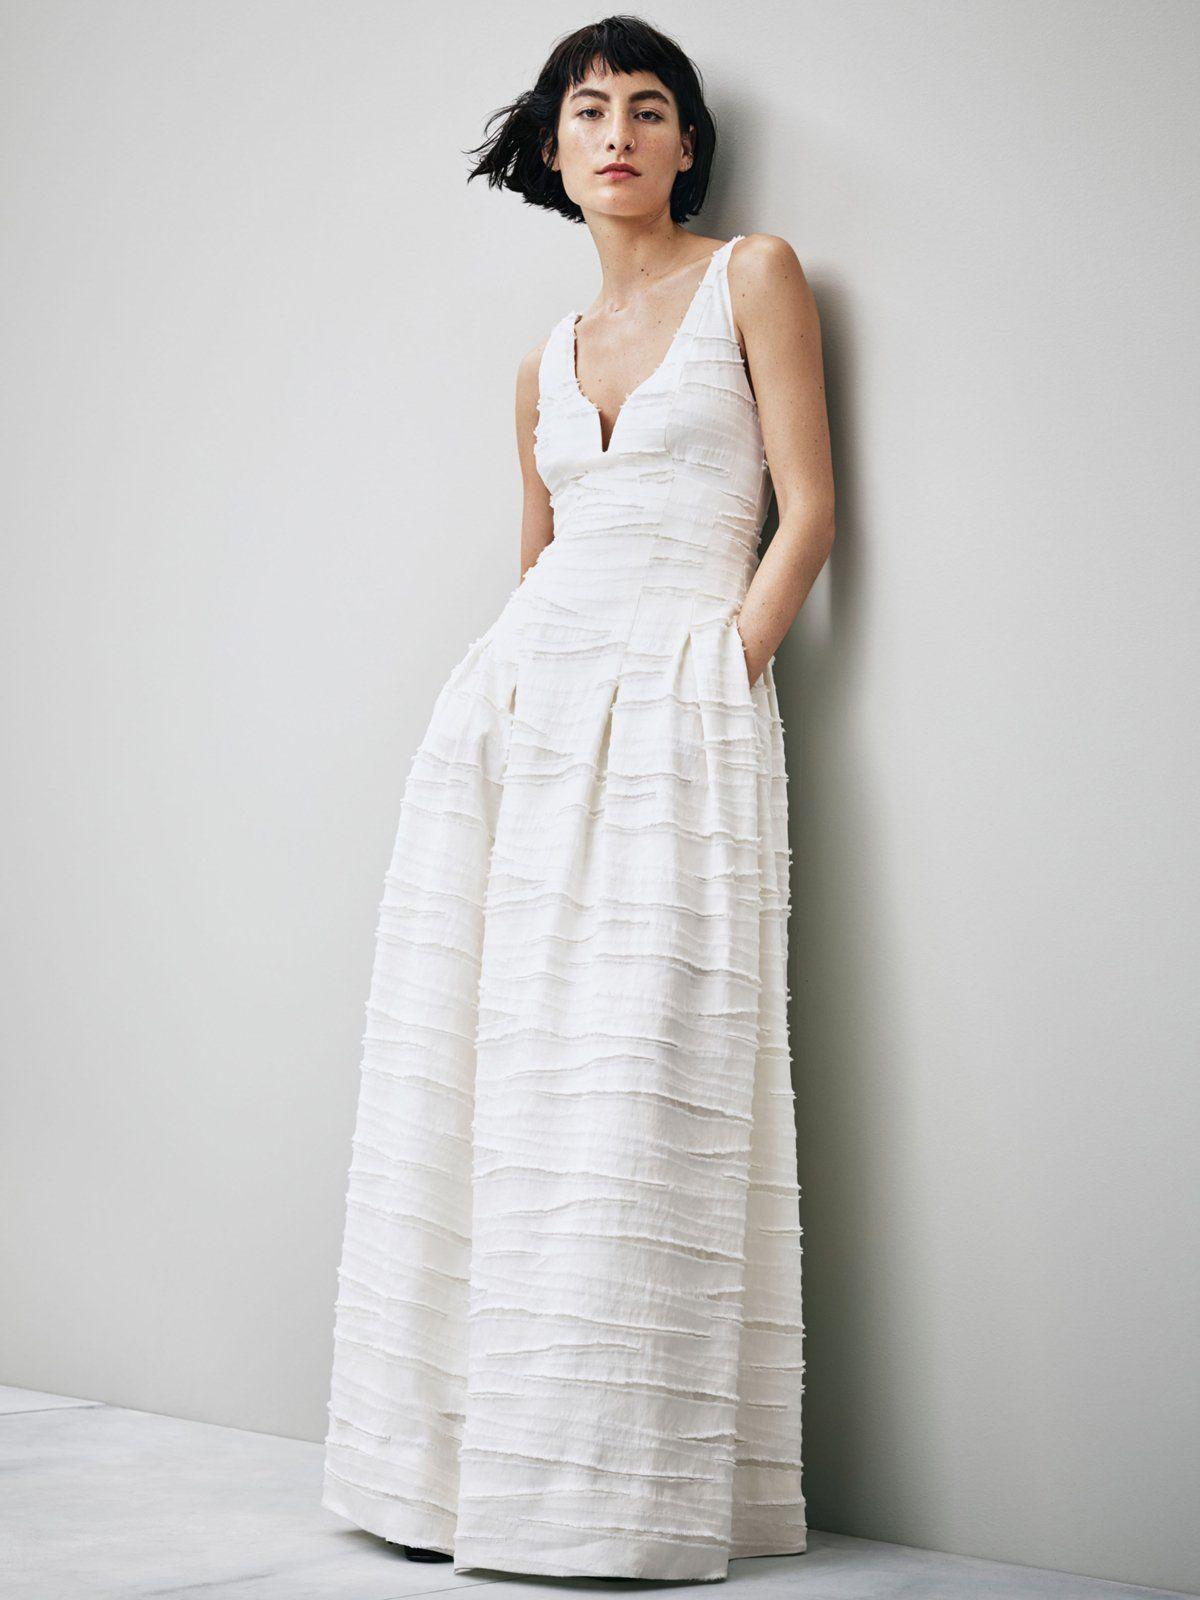 Brautkleider günstig: Wunderschöne Kleider unter 1.000 Euro ...